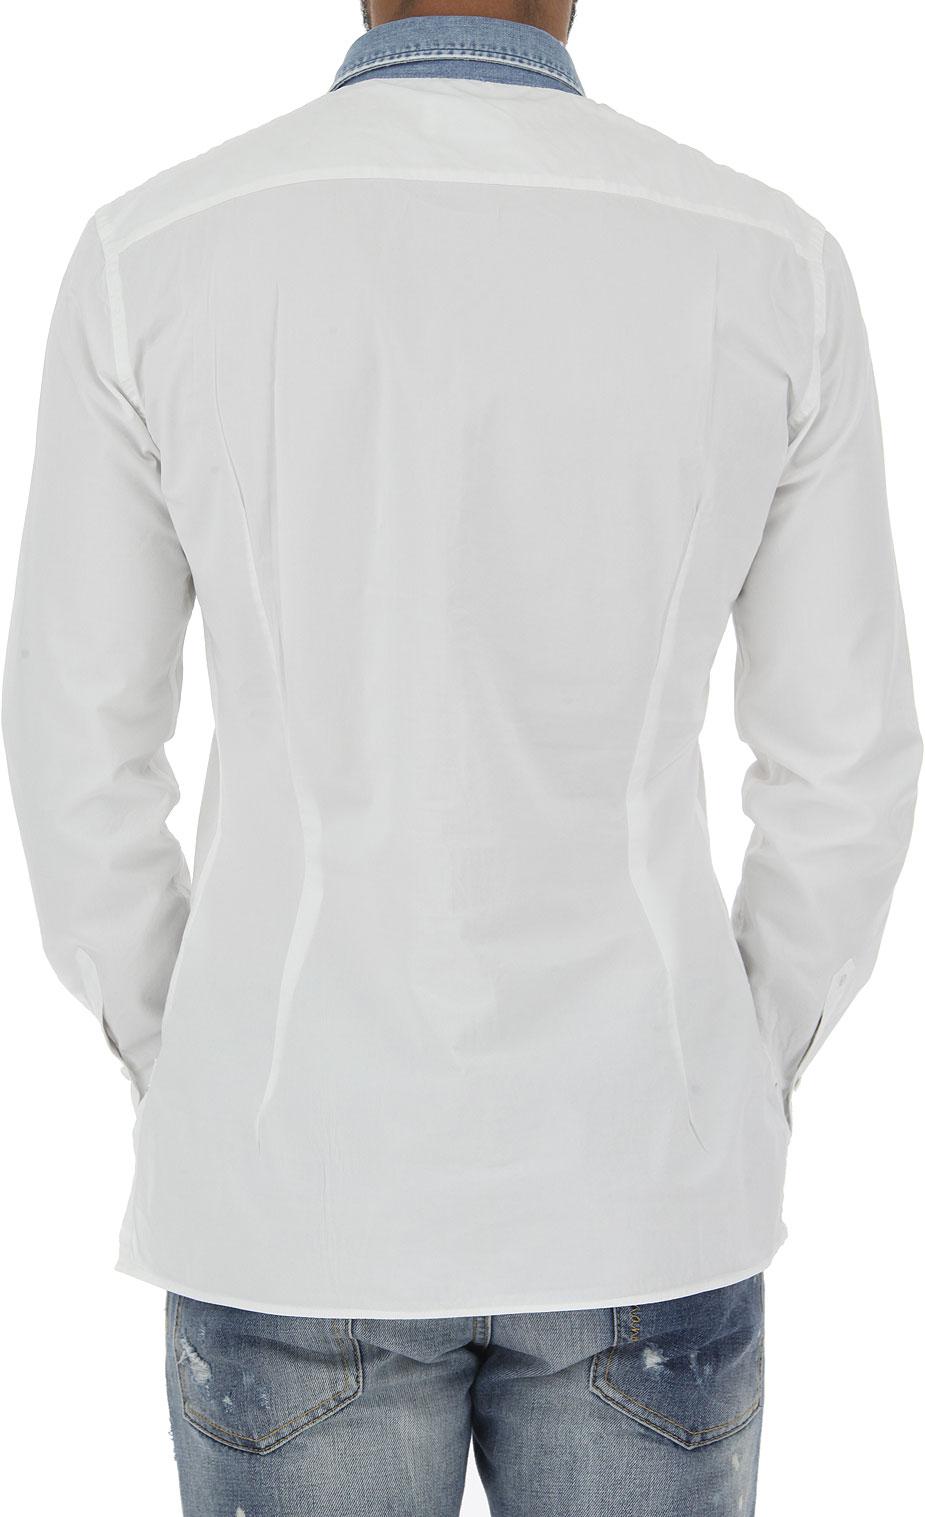 Abbigliamento Uomo Dondup, Codice Articolo: uc199-cf095u-ptdb